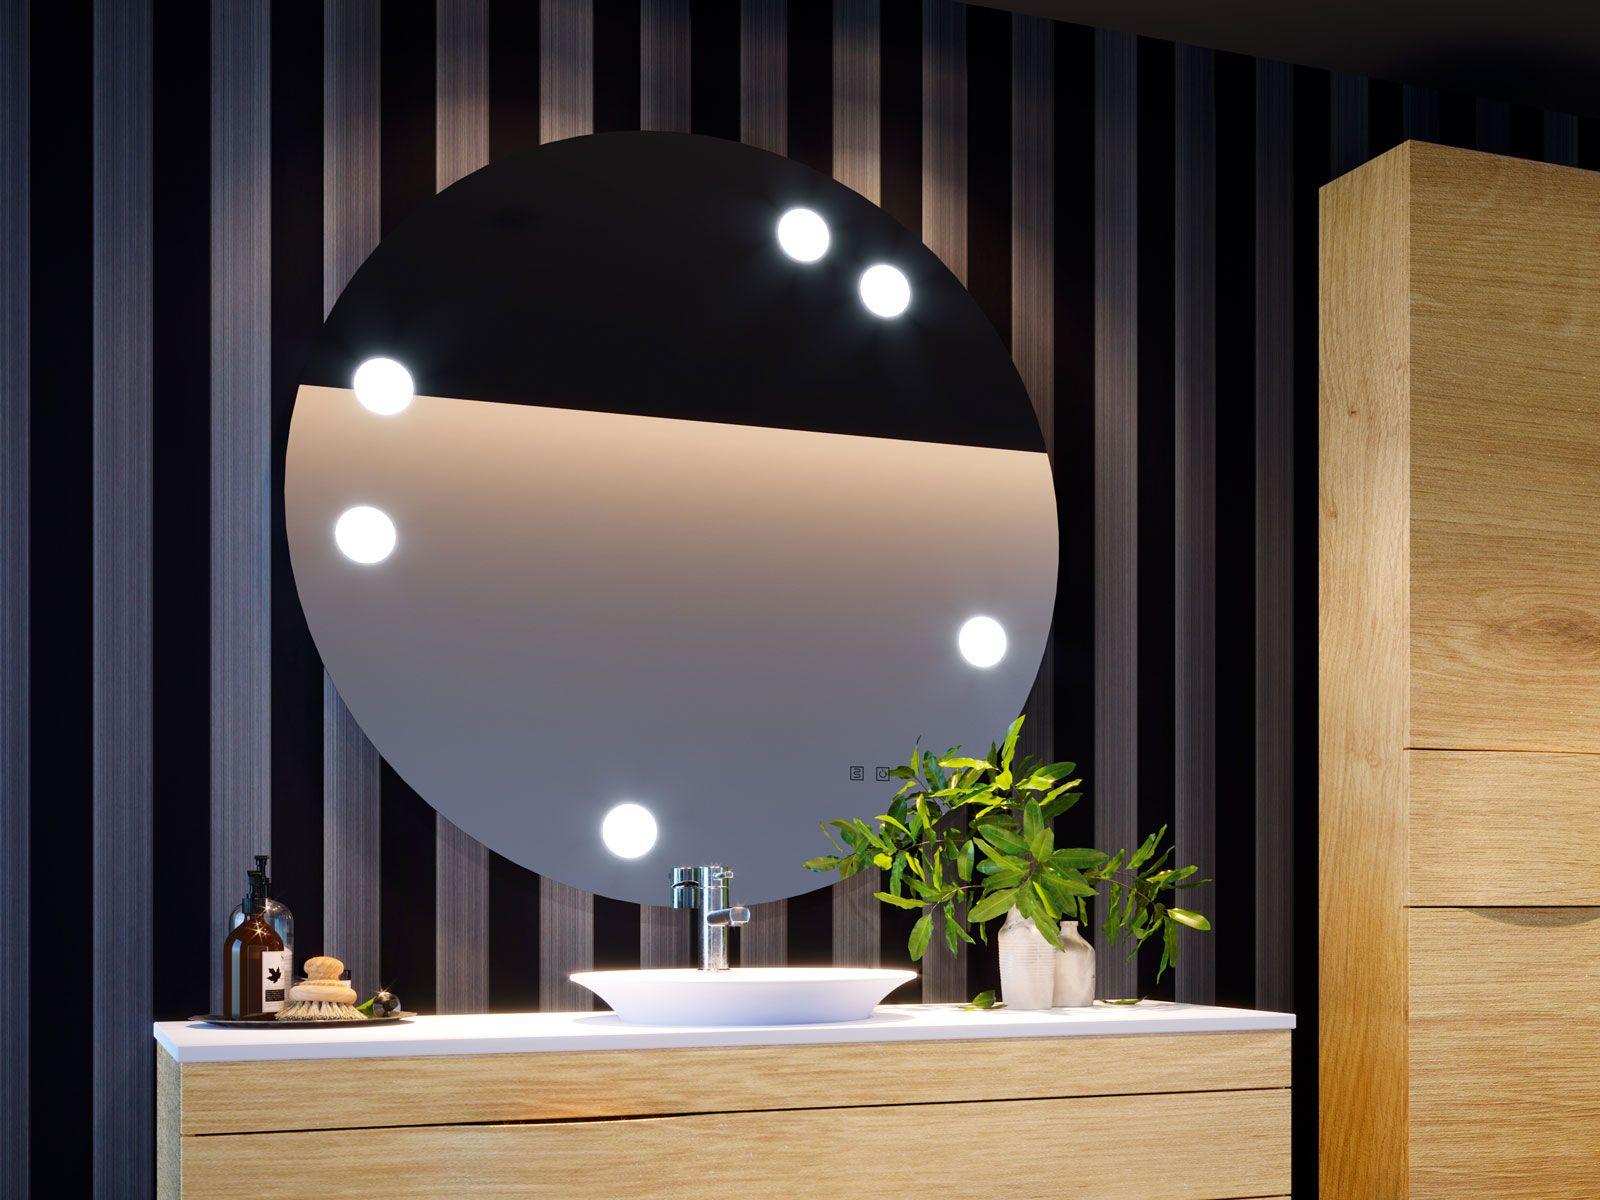 Collection 2018 Decotec Le Miroir De Salle De Bains Tiffany Rond 110 Cm Avec Led Par Spots Integres Miroir Salle De Bain Miroir De Salle De Bain Salle De Bain